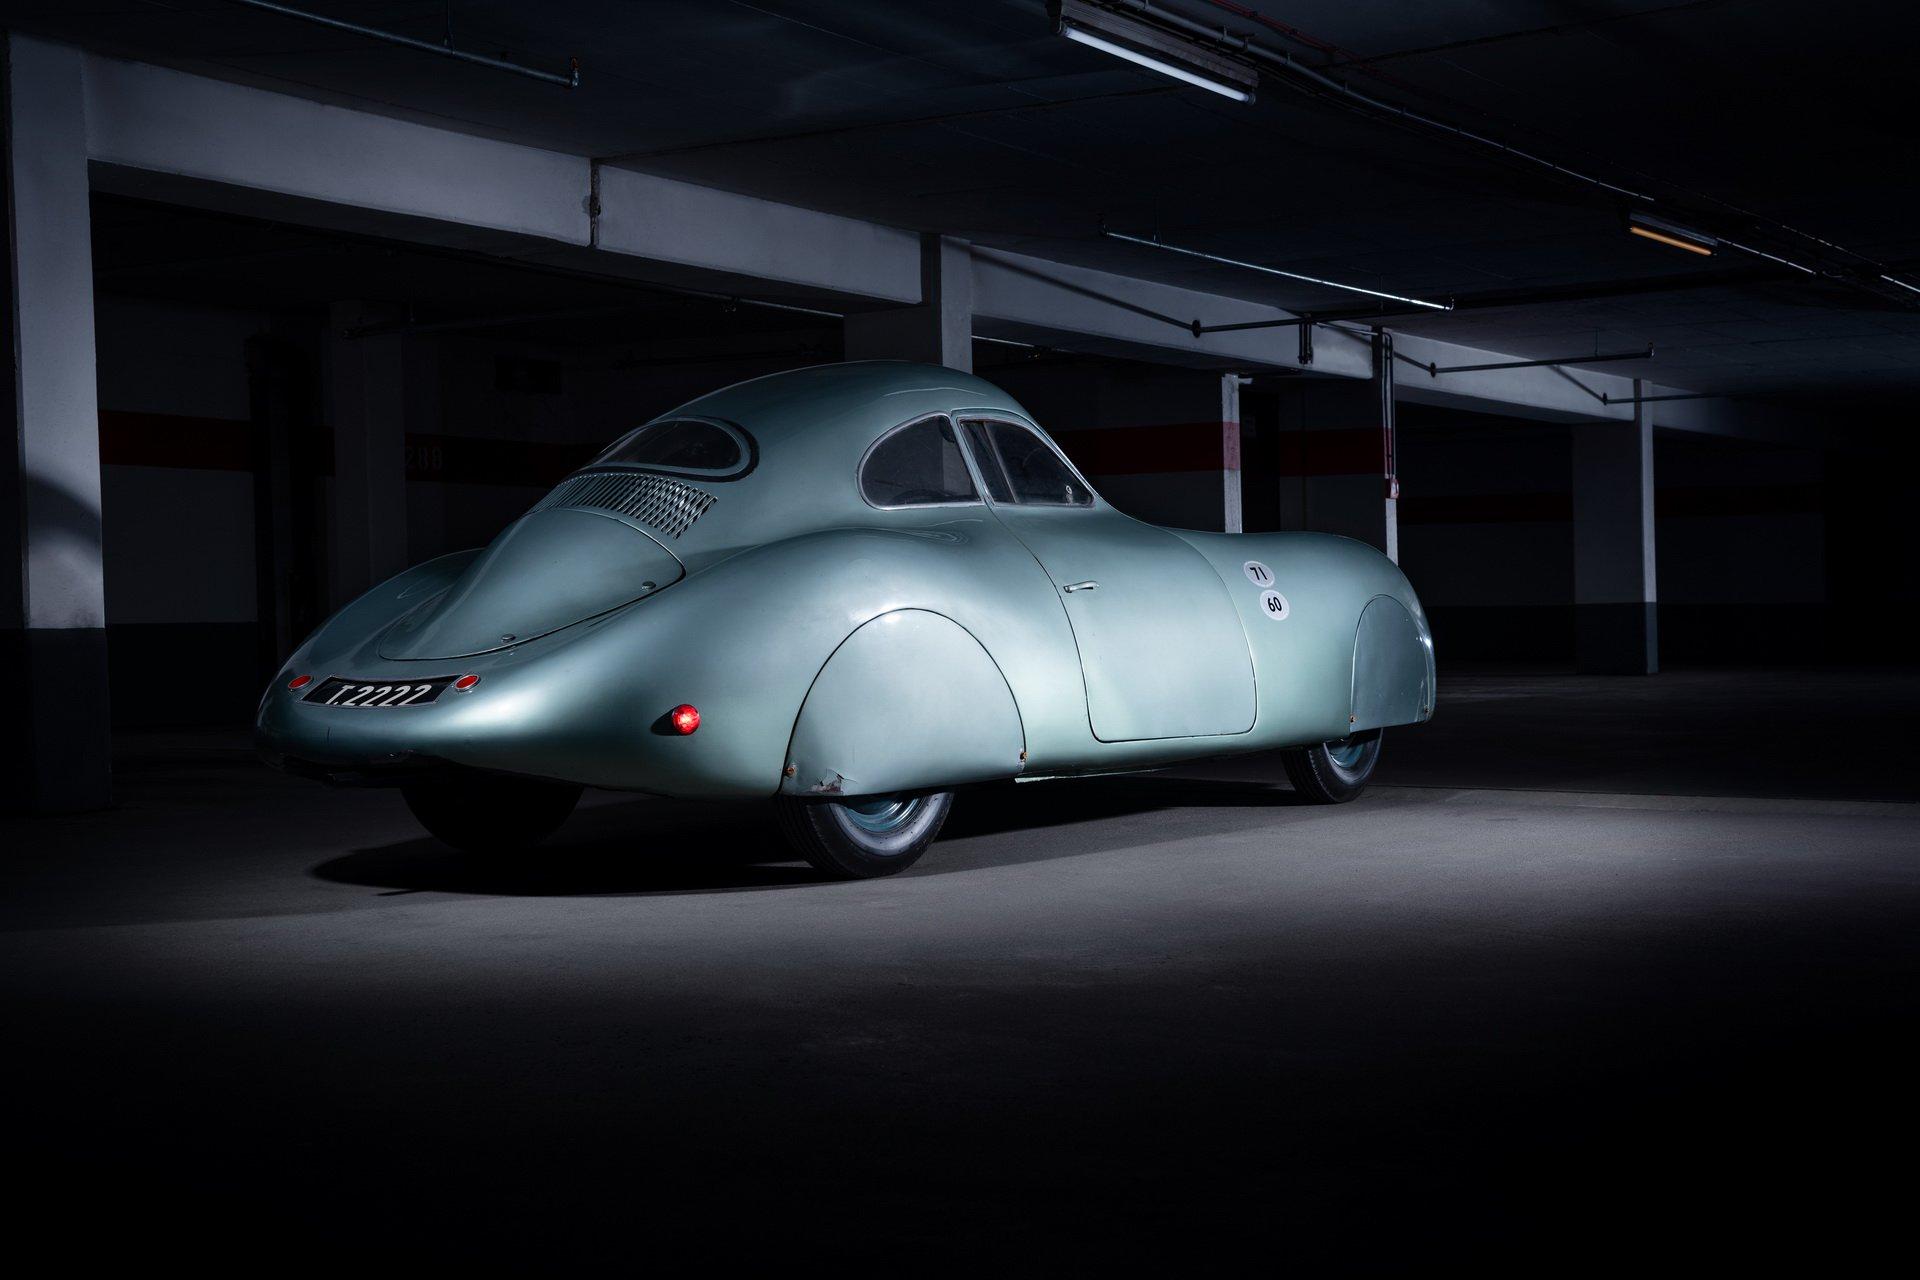 Porsche-Type-64-1939-3